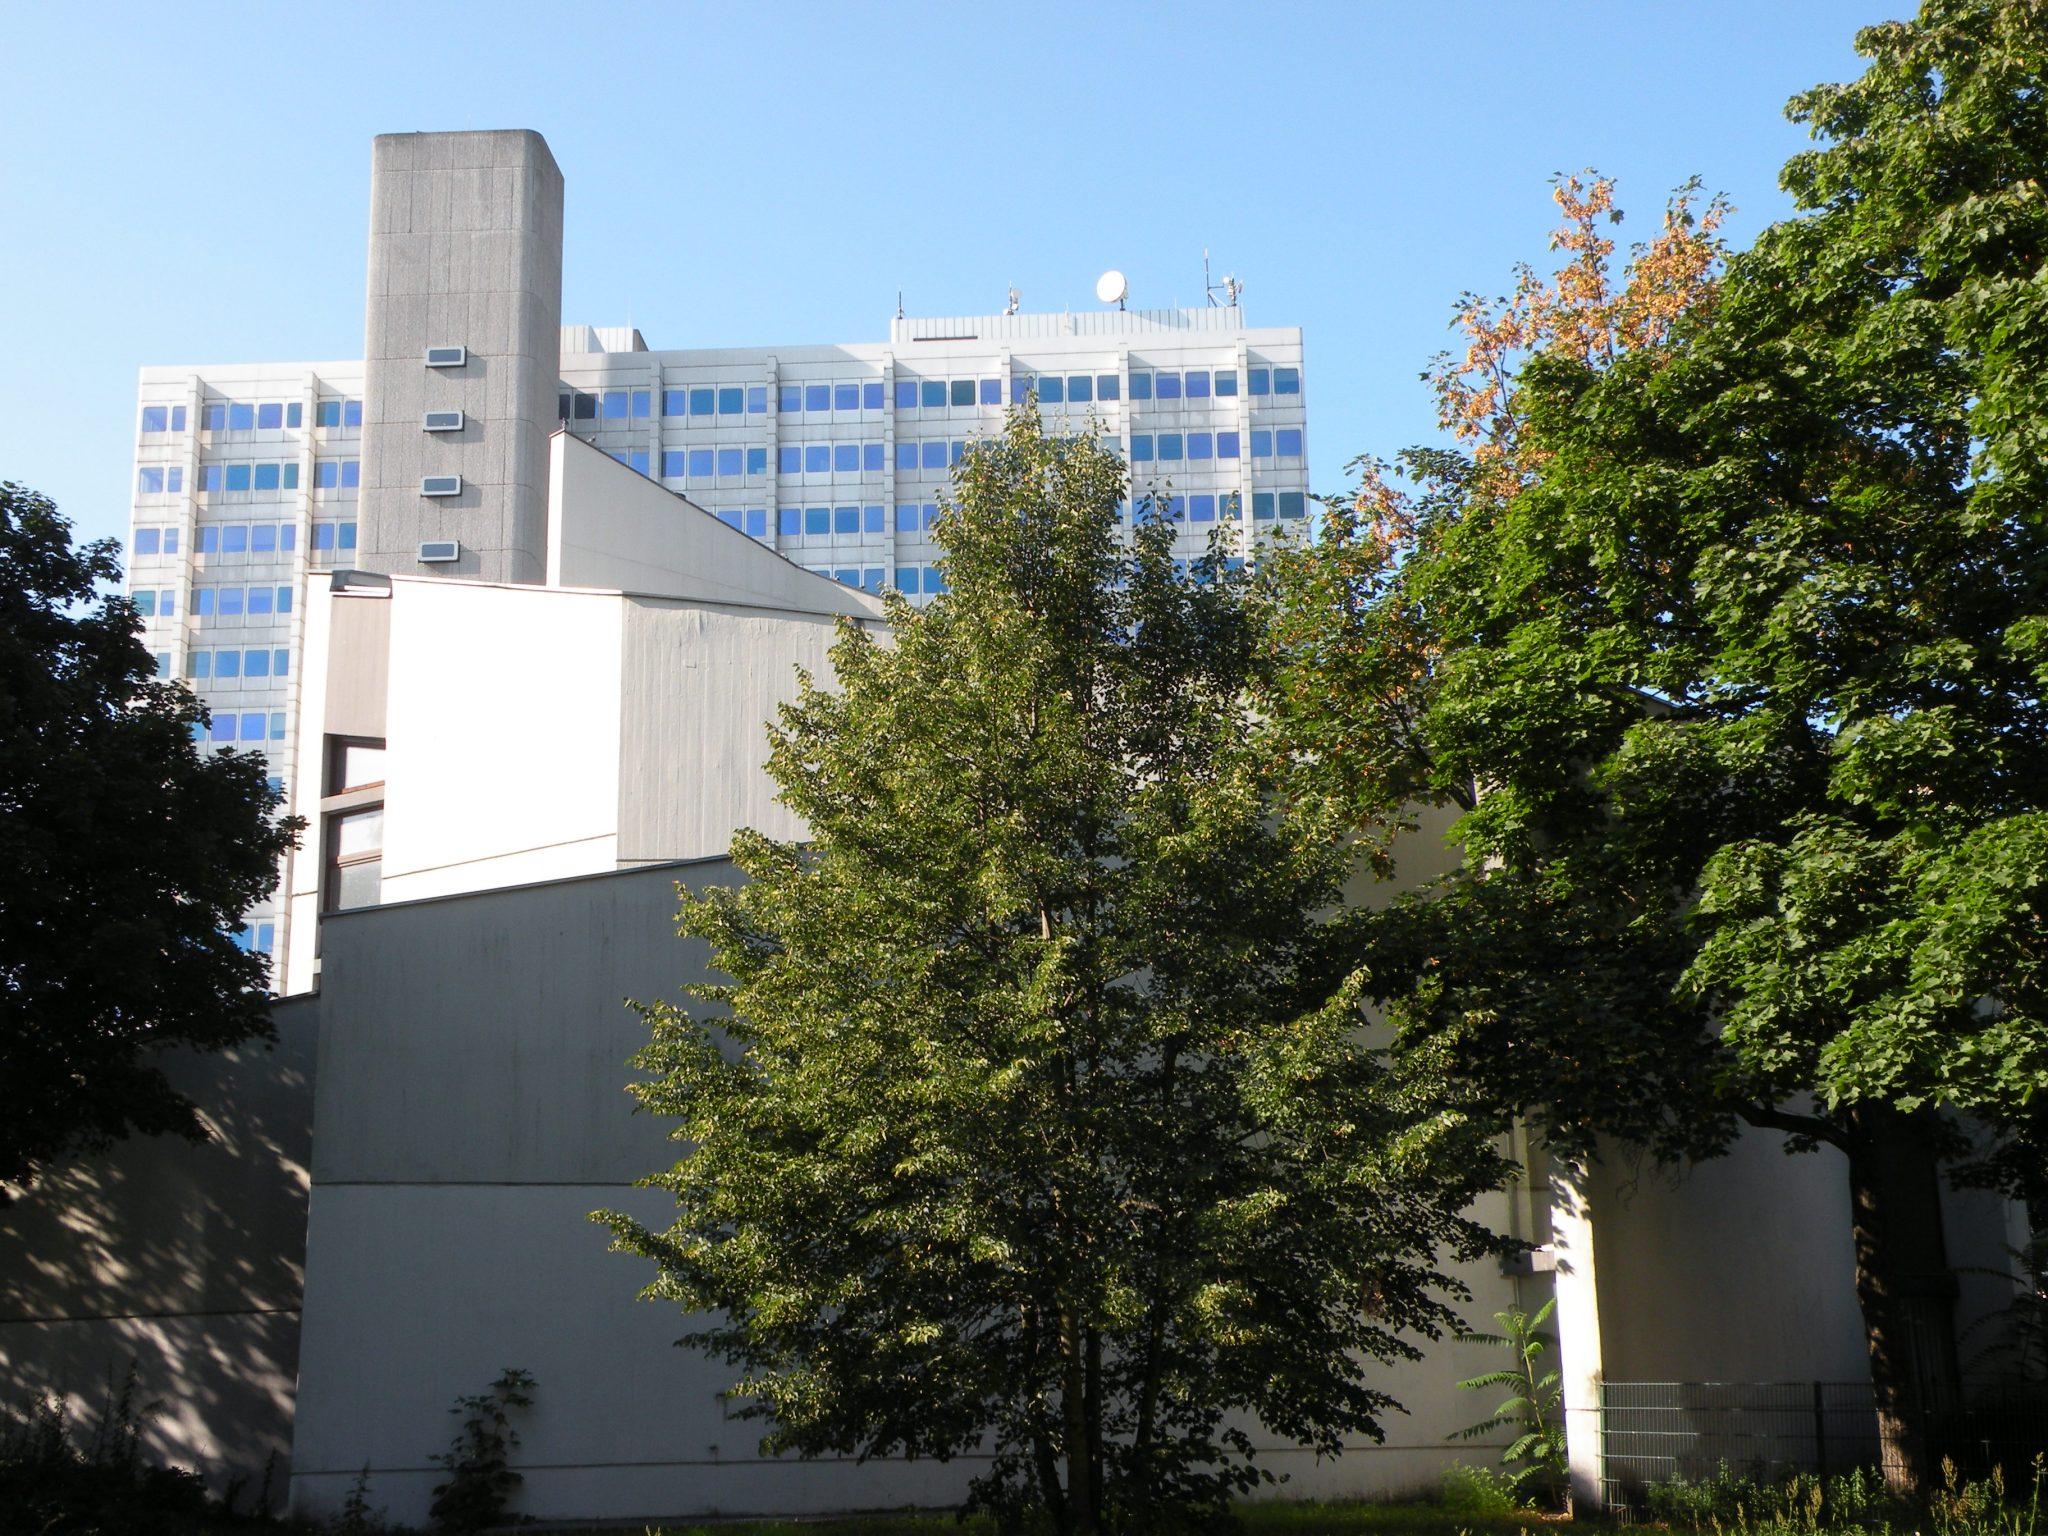 Dankeskirche und BAYER-Hochhaus